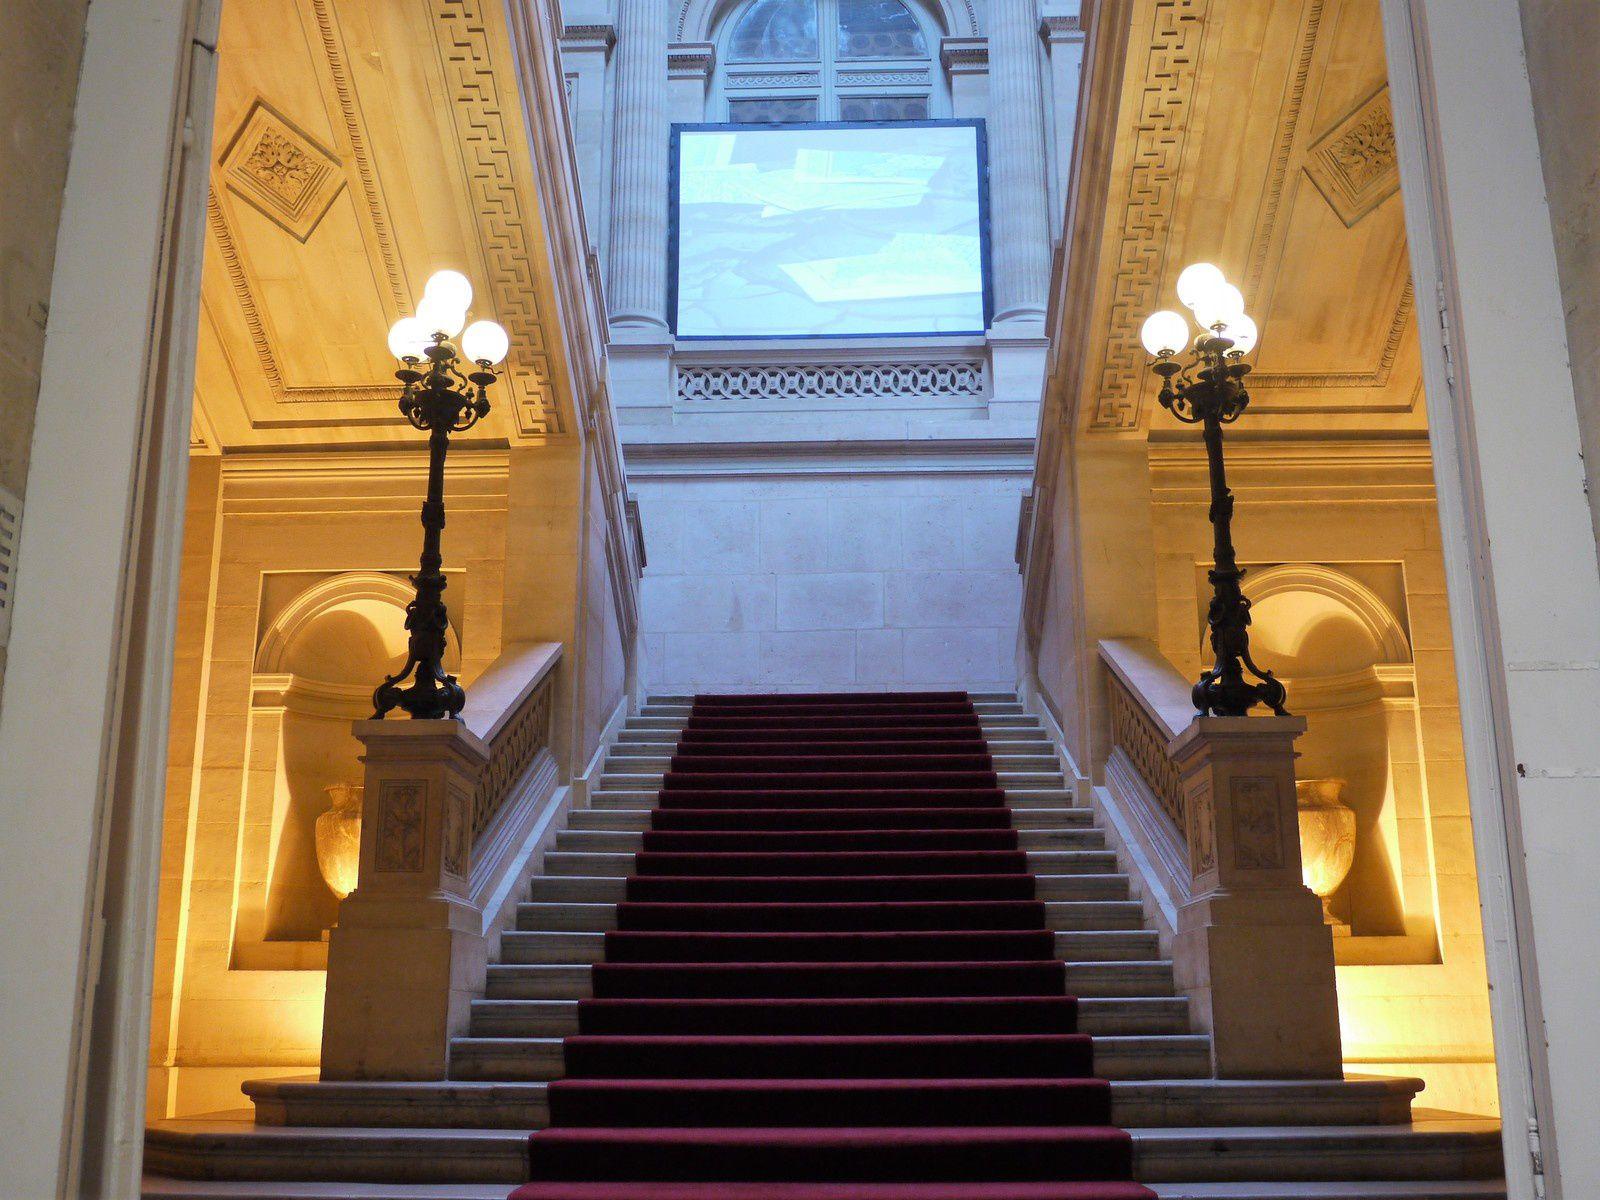 L'accès au deuxième étage de la Monnaie de Paris dédié à l'art contemporain